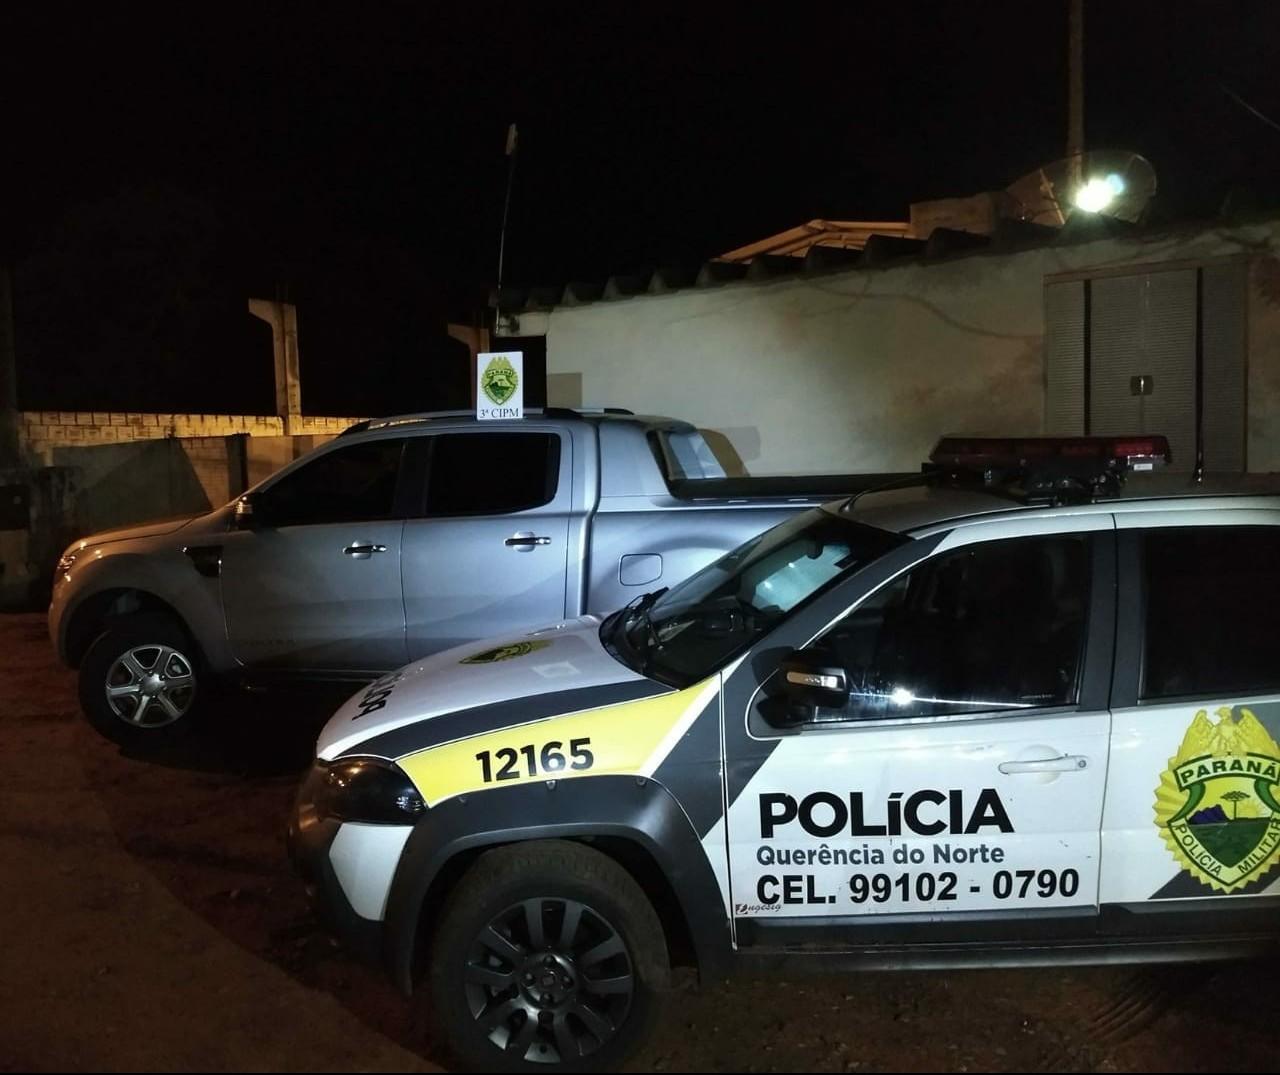 Ladrões invadem casa, roubam caminhonete e trocam tiros com a polícia